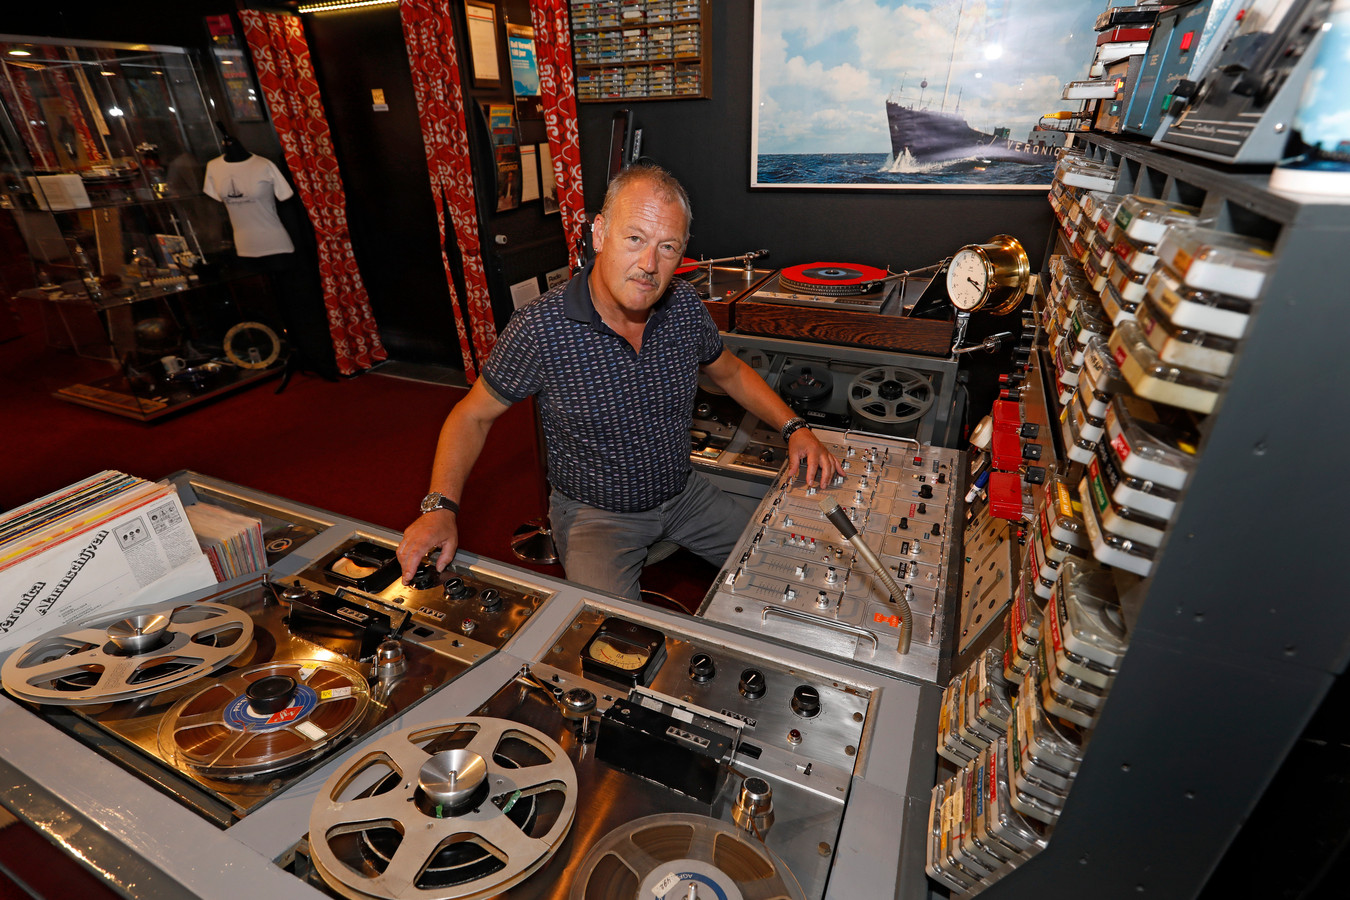 ,,De dj's van Radio Veronica waren de pioniers van de populaire radio, die willen we eren'', zegt Jaap Schut vanachter de originele boordstudio van de legendarische zeezender.